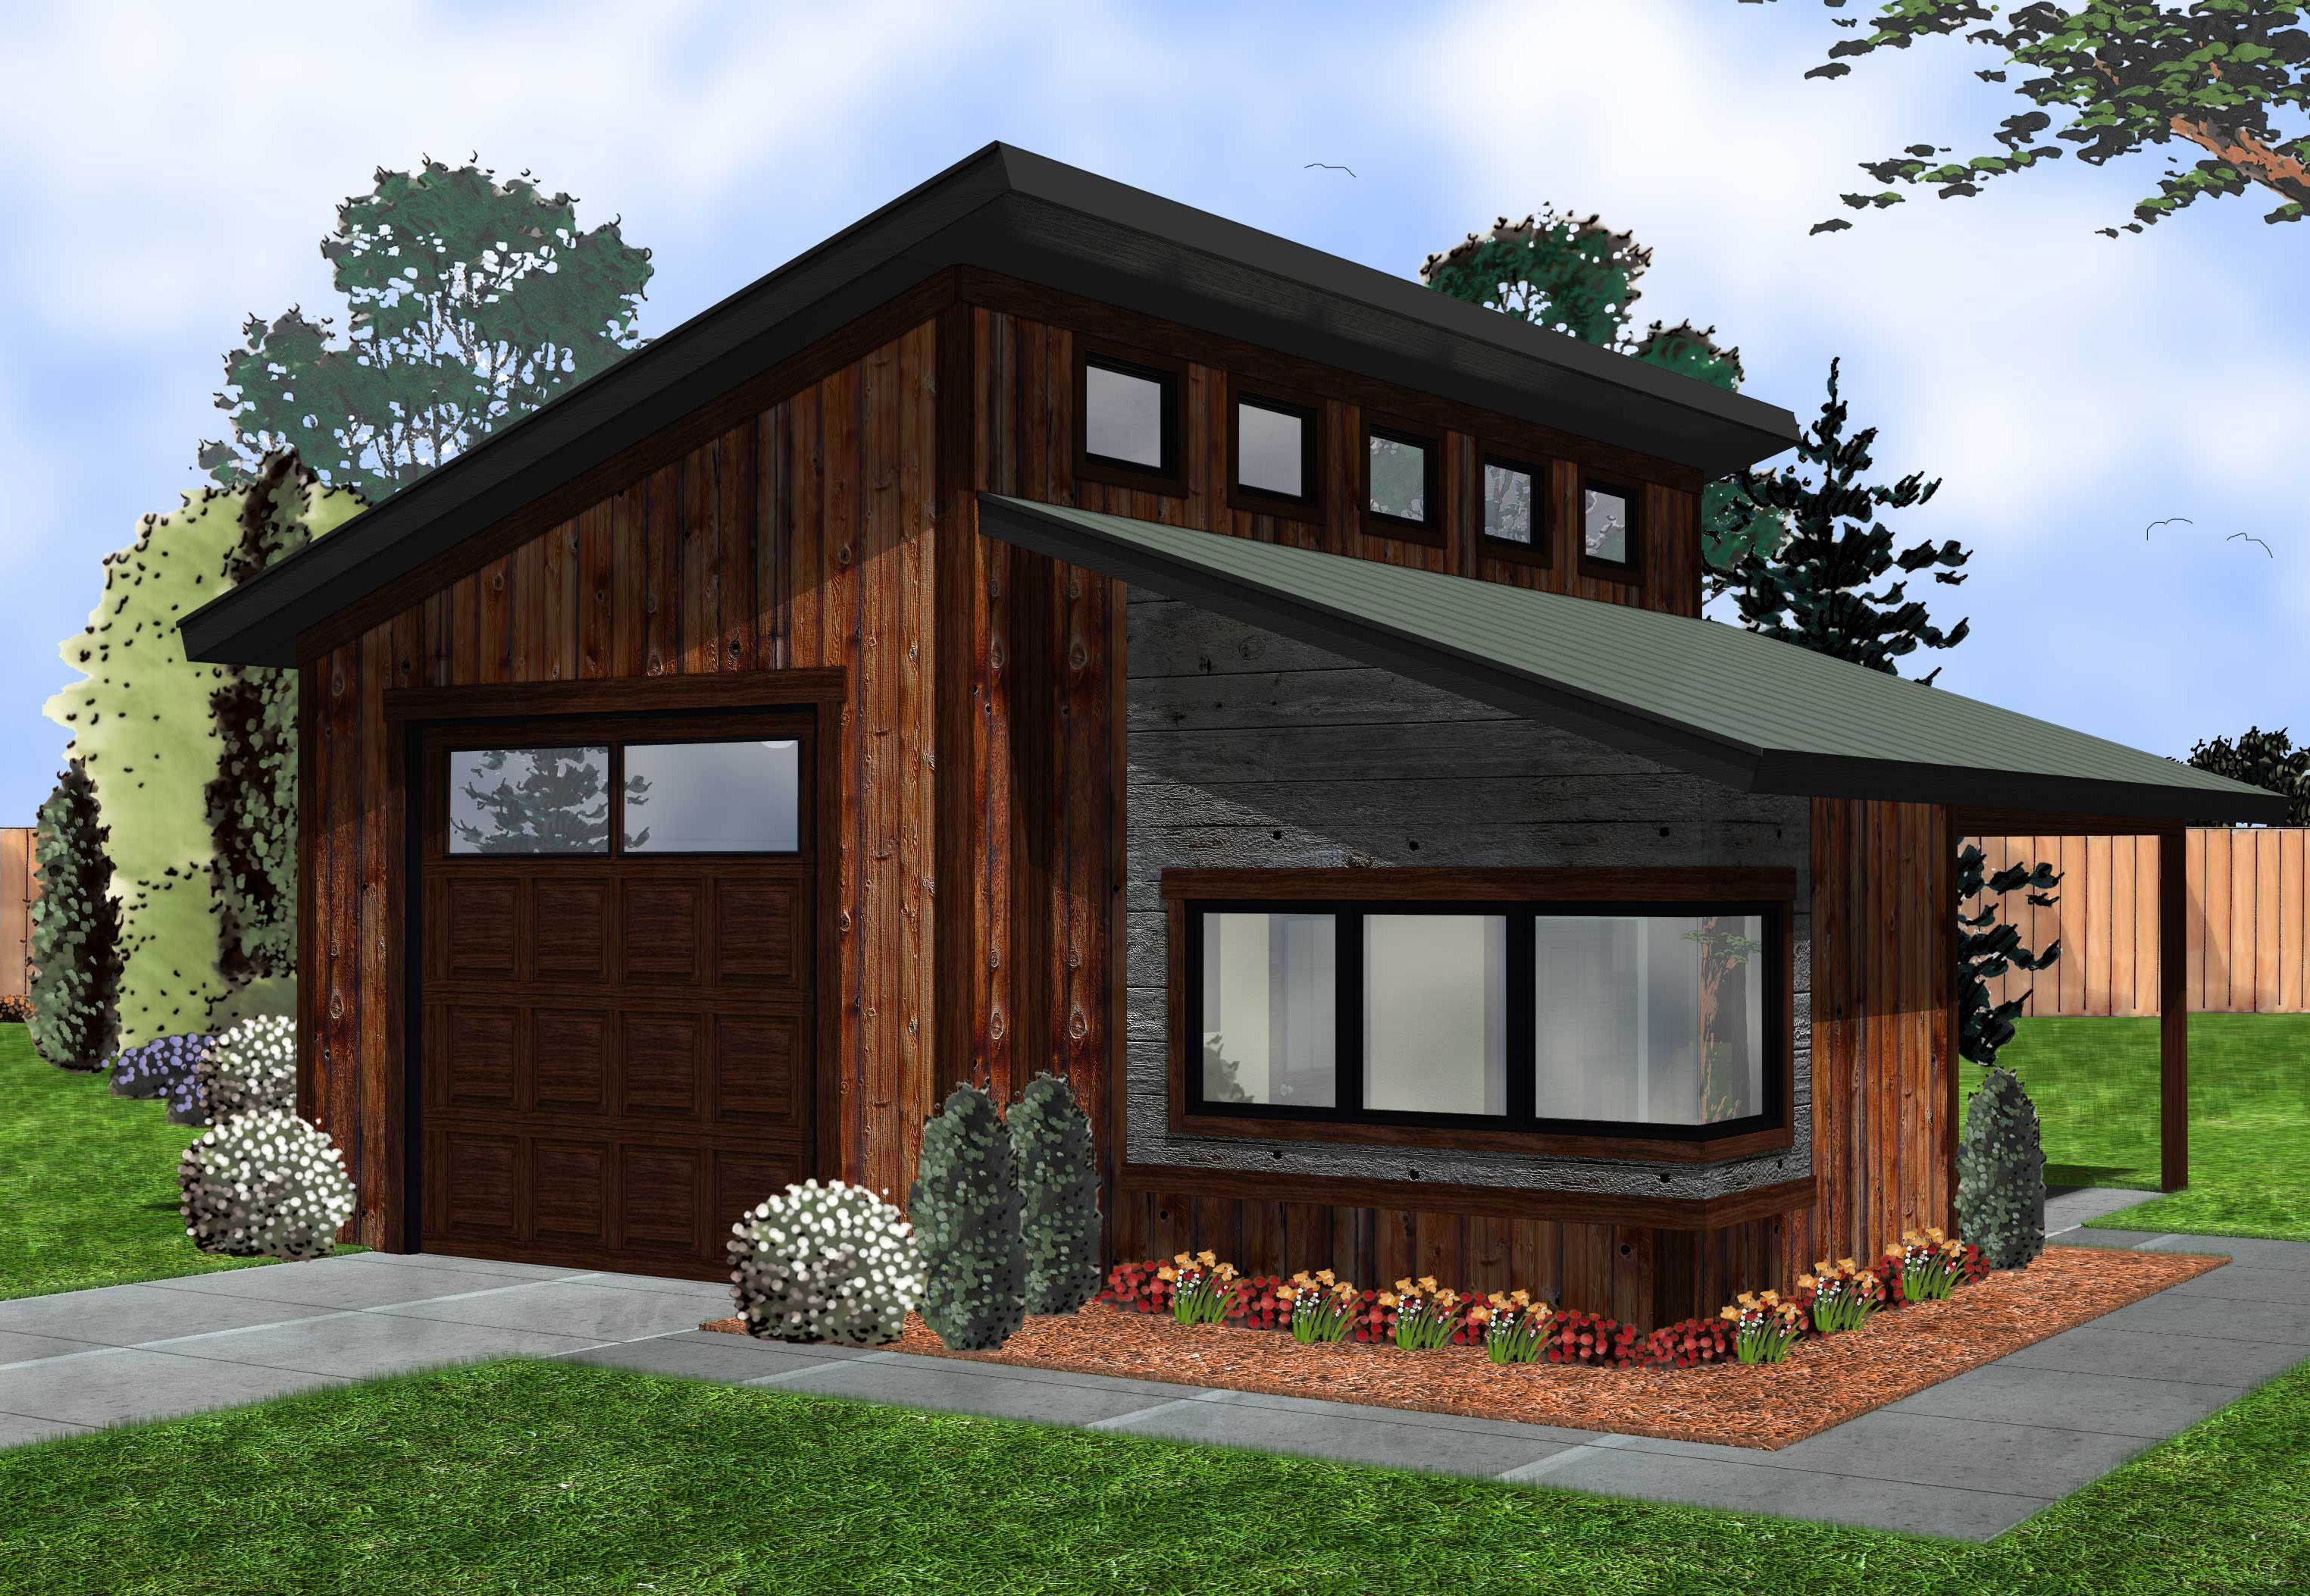 Plan 62574dj Modern Garage With Shop Modern Garage Garage Shop Plans Garage Workshop Plans